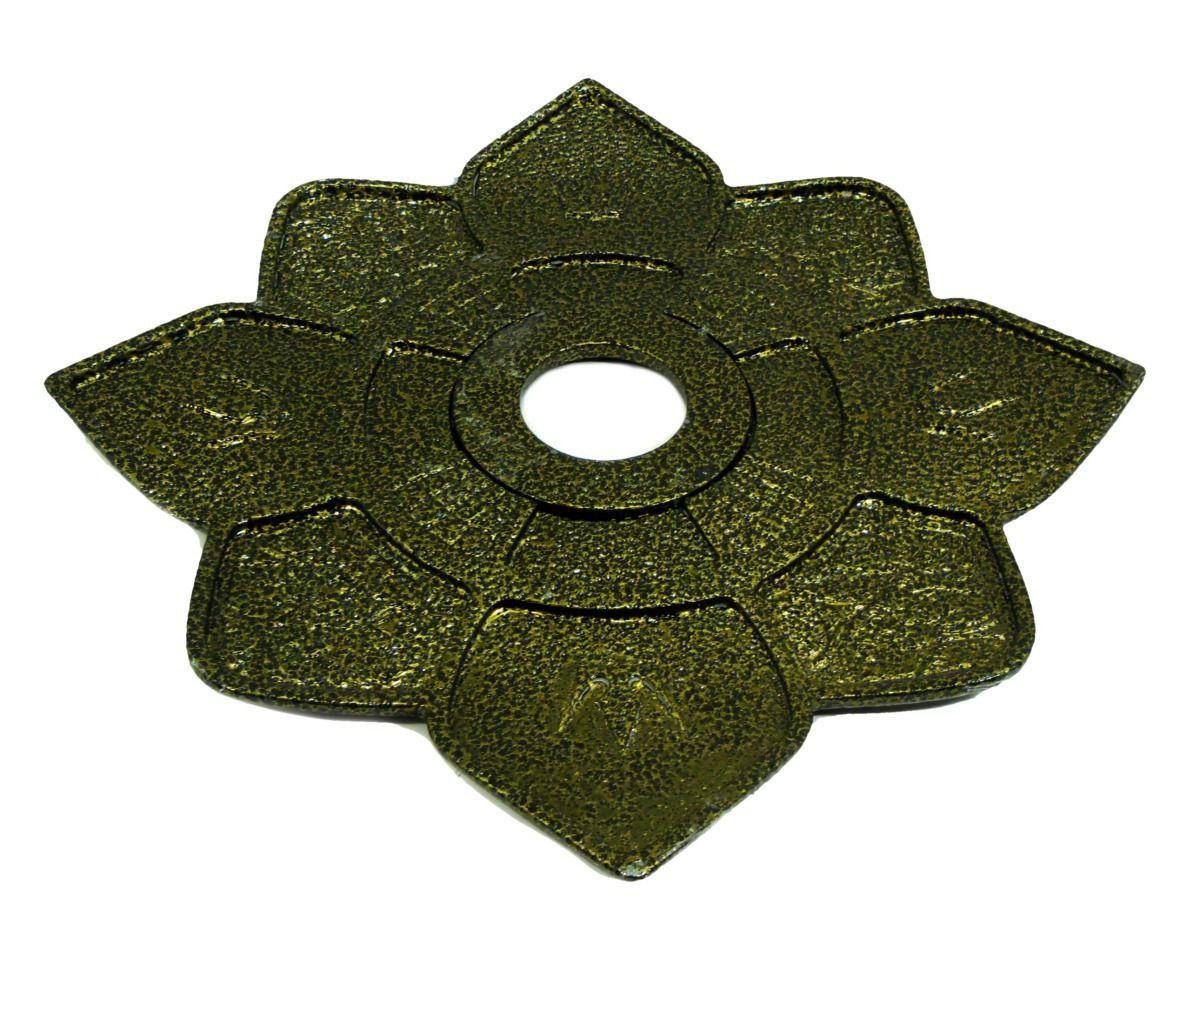 Prato para narguile IMPERIA com pintura epóxi com textura martelada. 27cm de diâmetro, 4cm de furo.